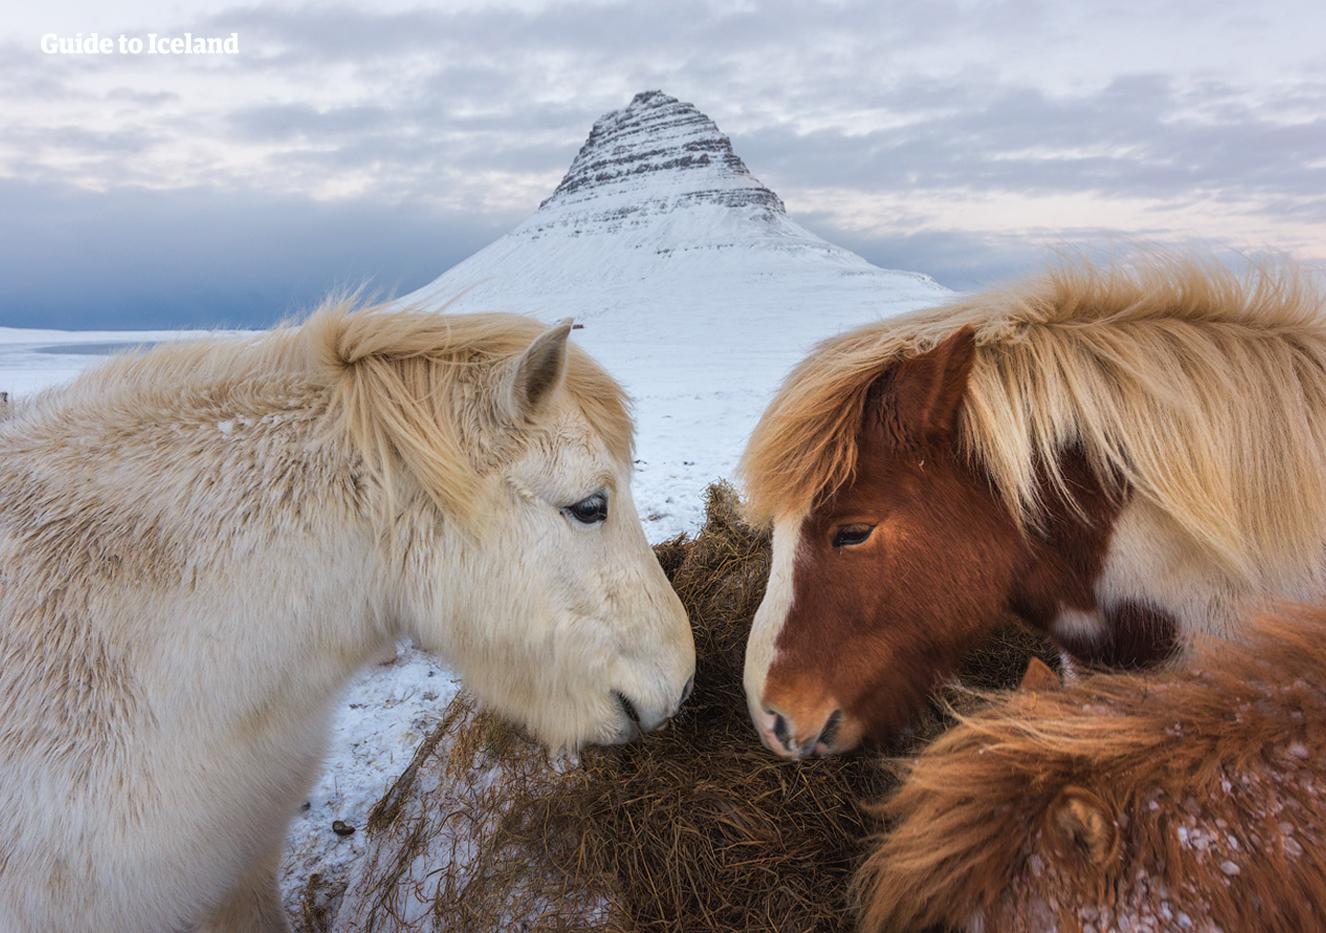 Snaefellsnes tiene mucho que ofrecer, incluyendo la famosa montaña de Kirkjufell, vista a menudo con caballos islandeses en sus alrededores.